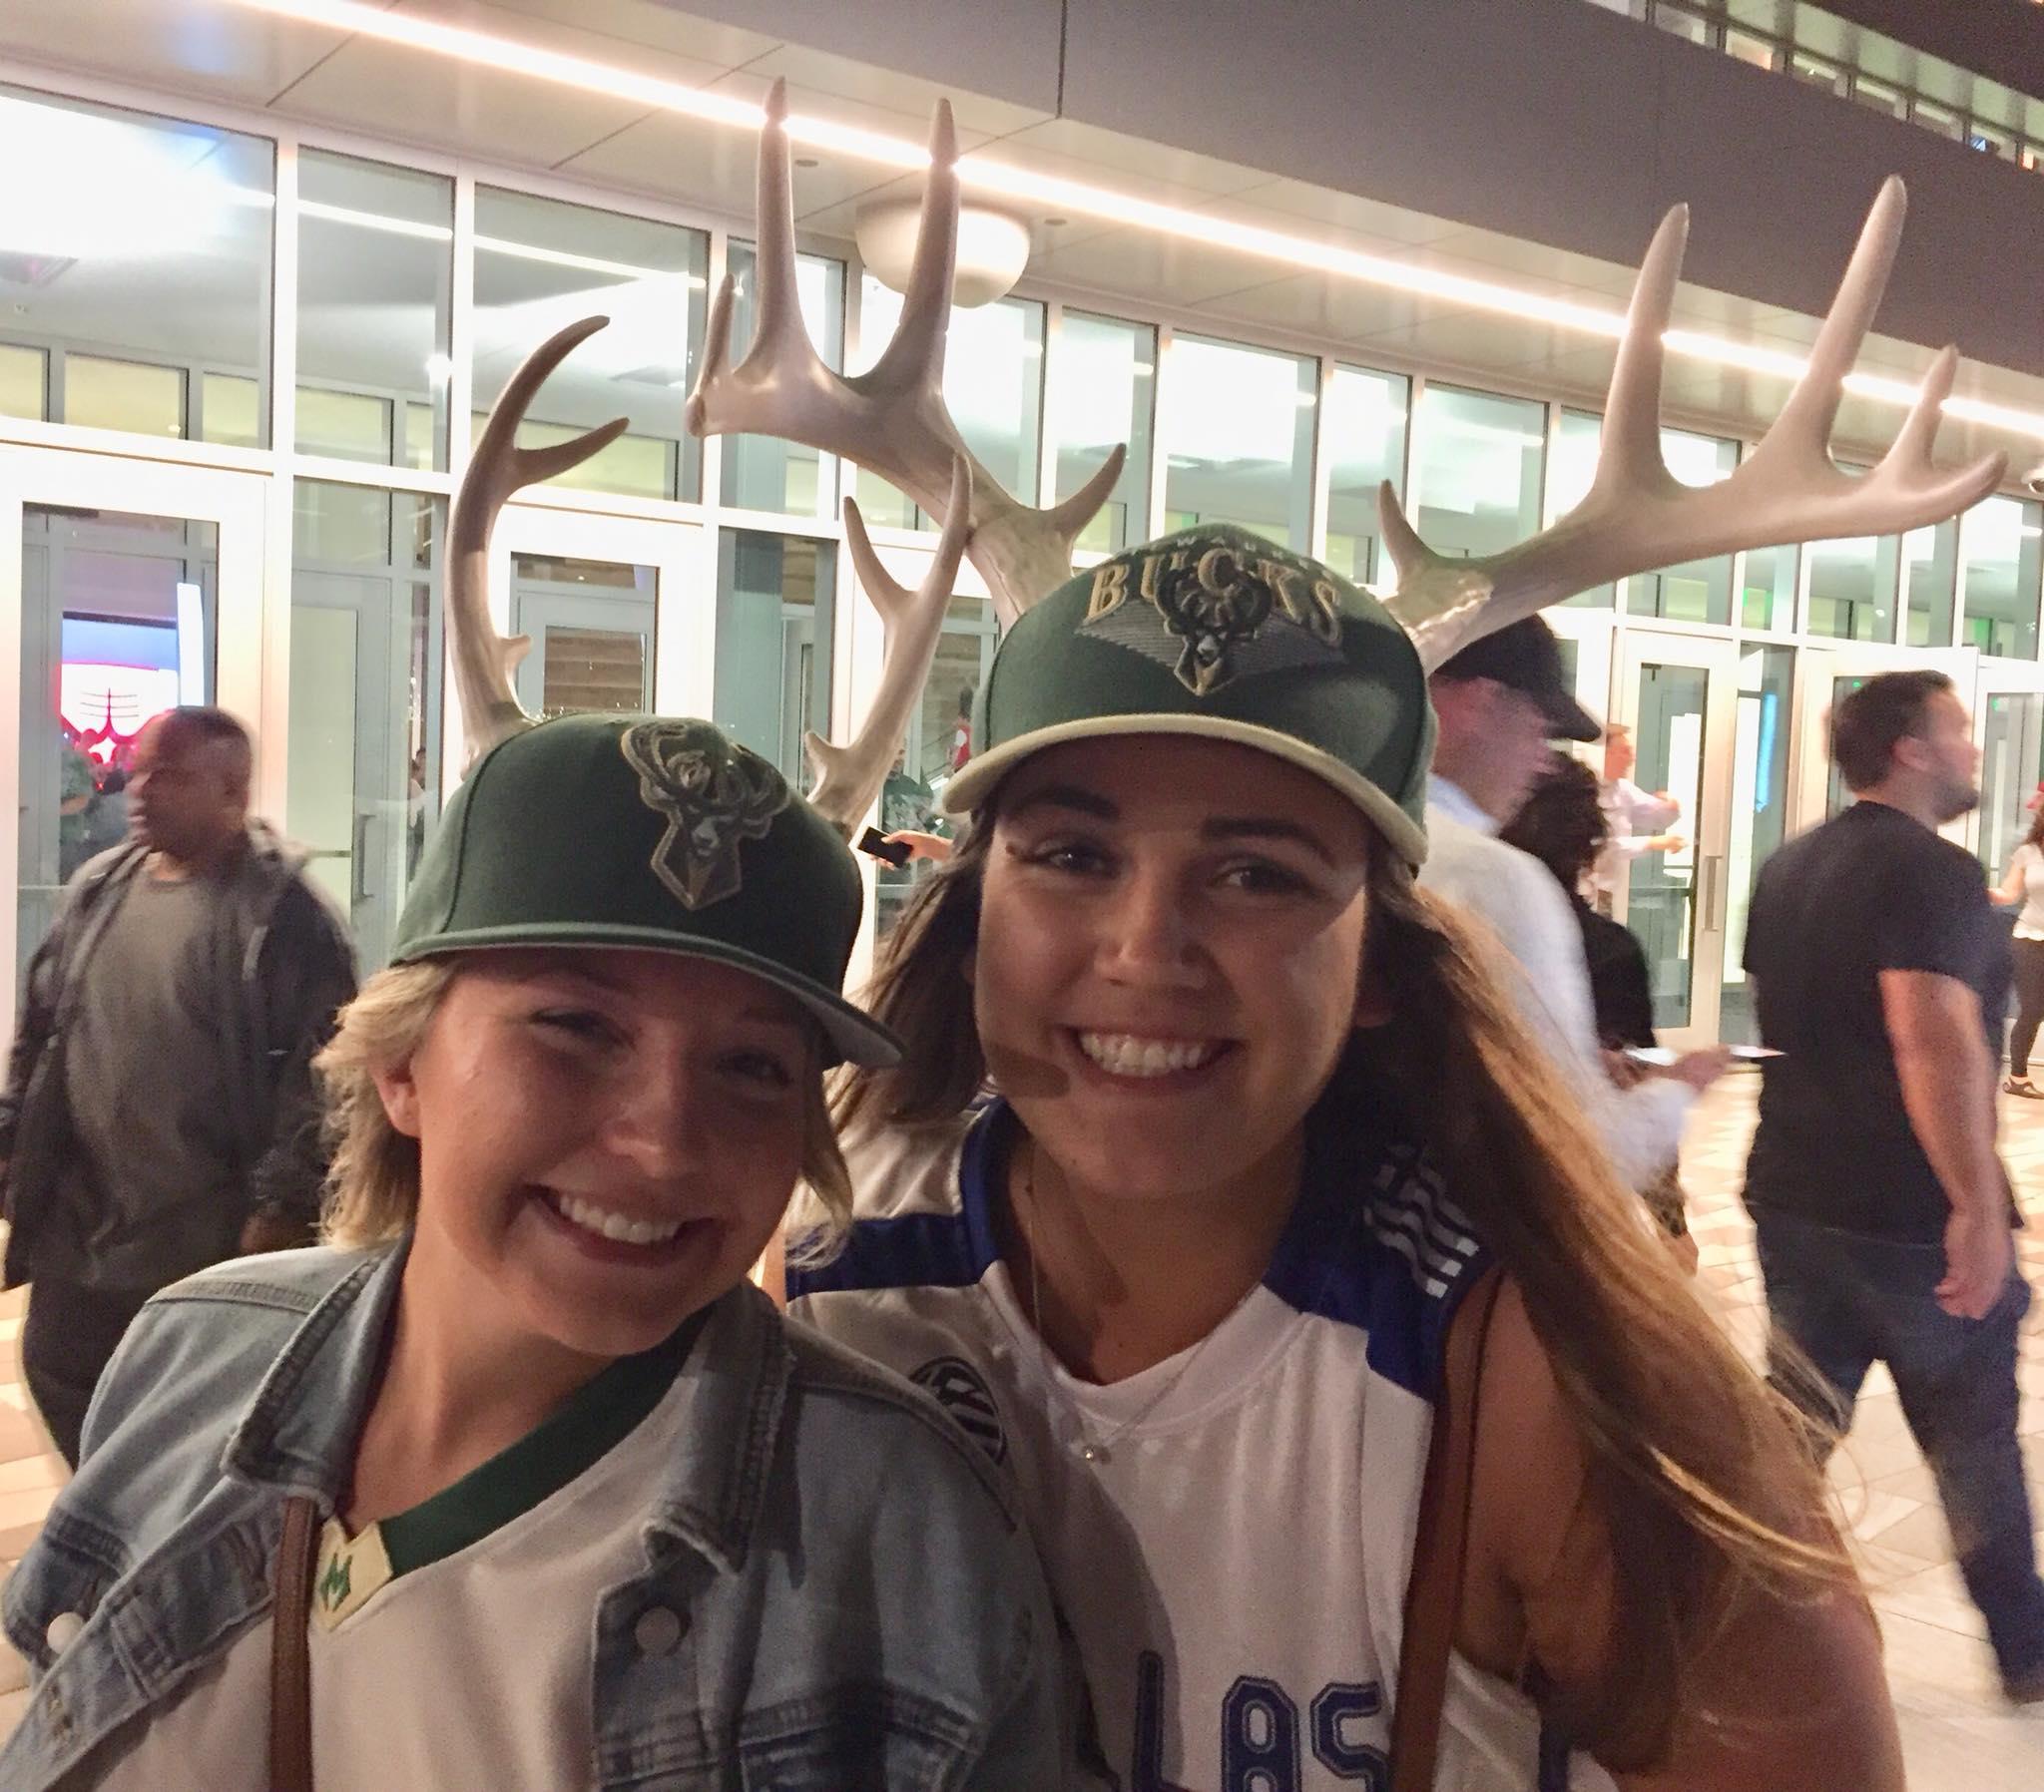 Bucks fans2.jpg